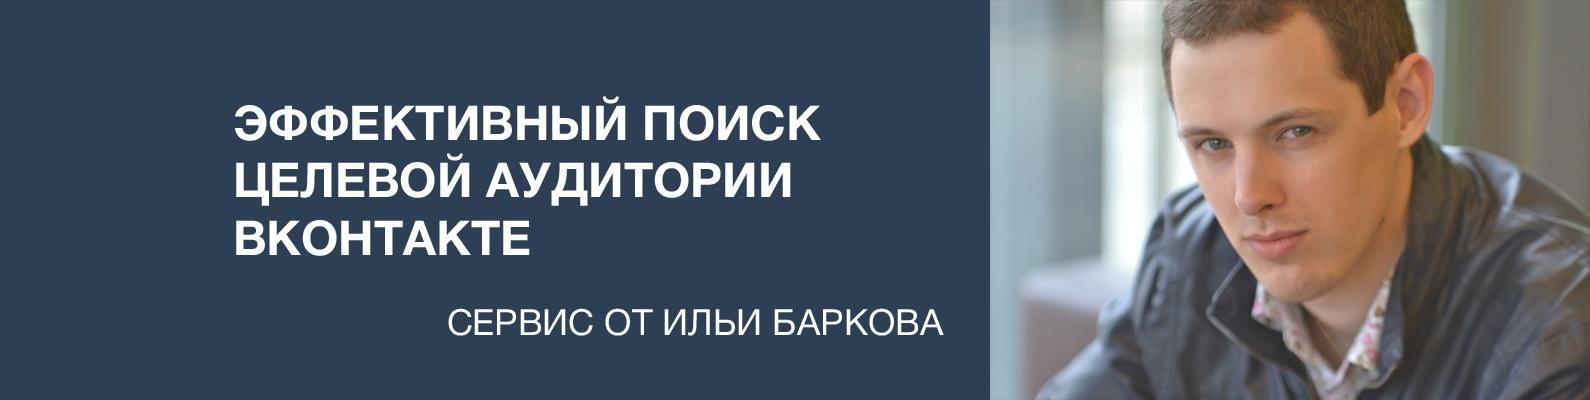 Сервис Ильи Баркова